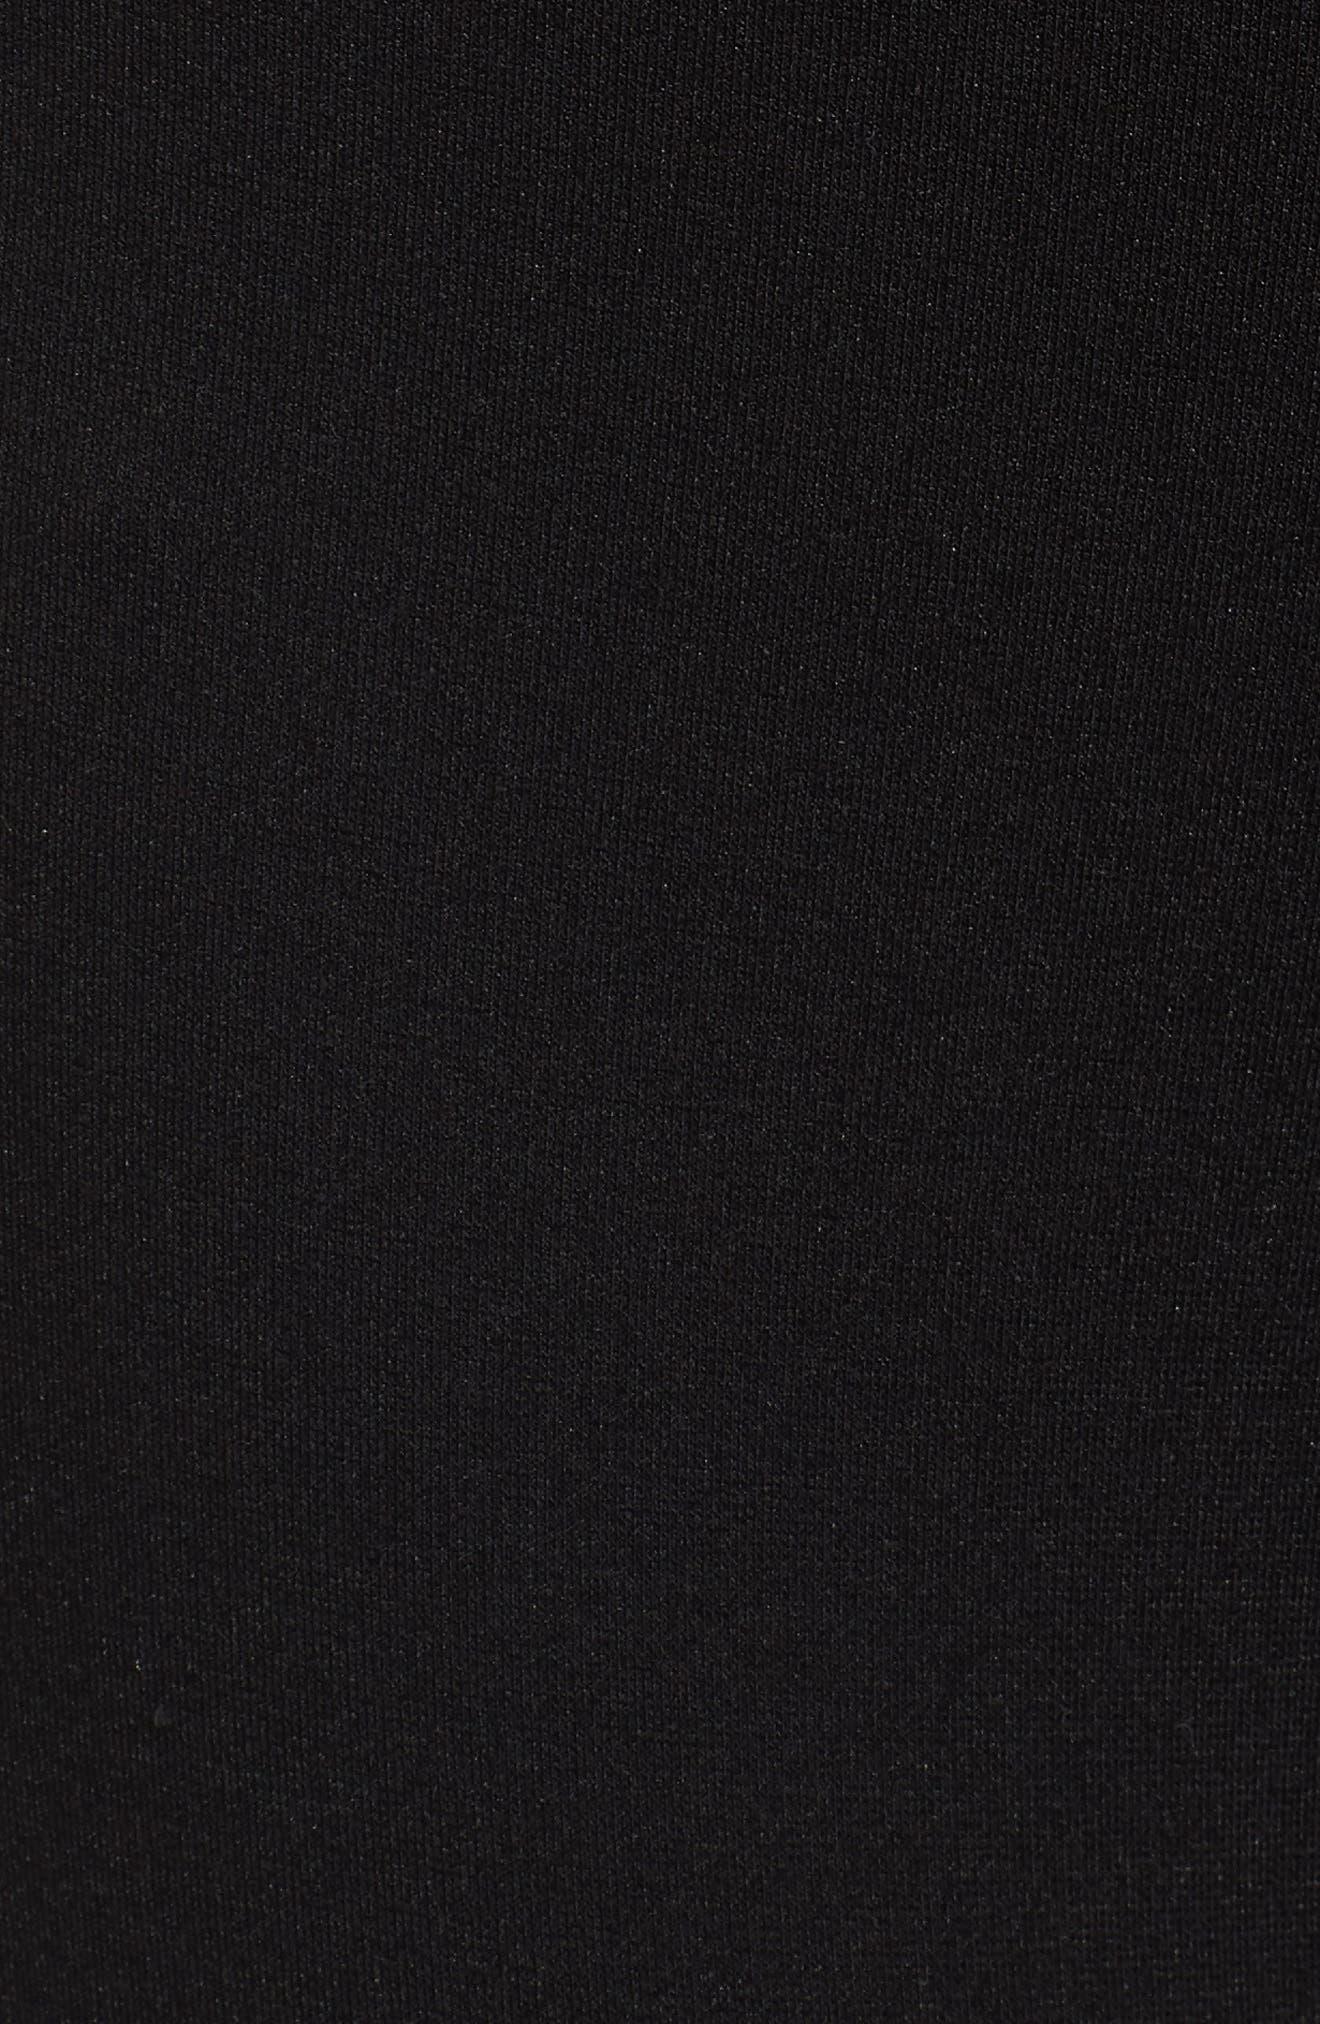 Mini Zip Crop Leggings,                             Alternate thumbnail 5, color,                             Black